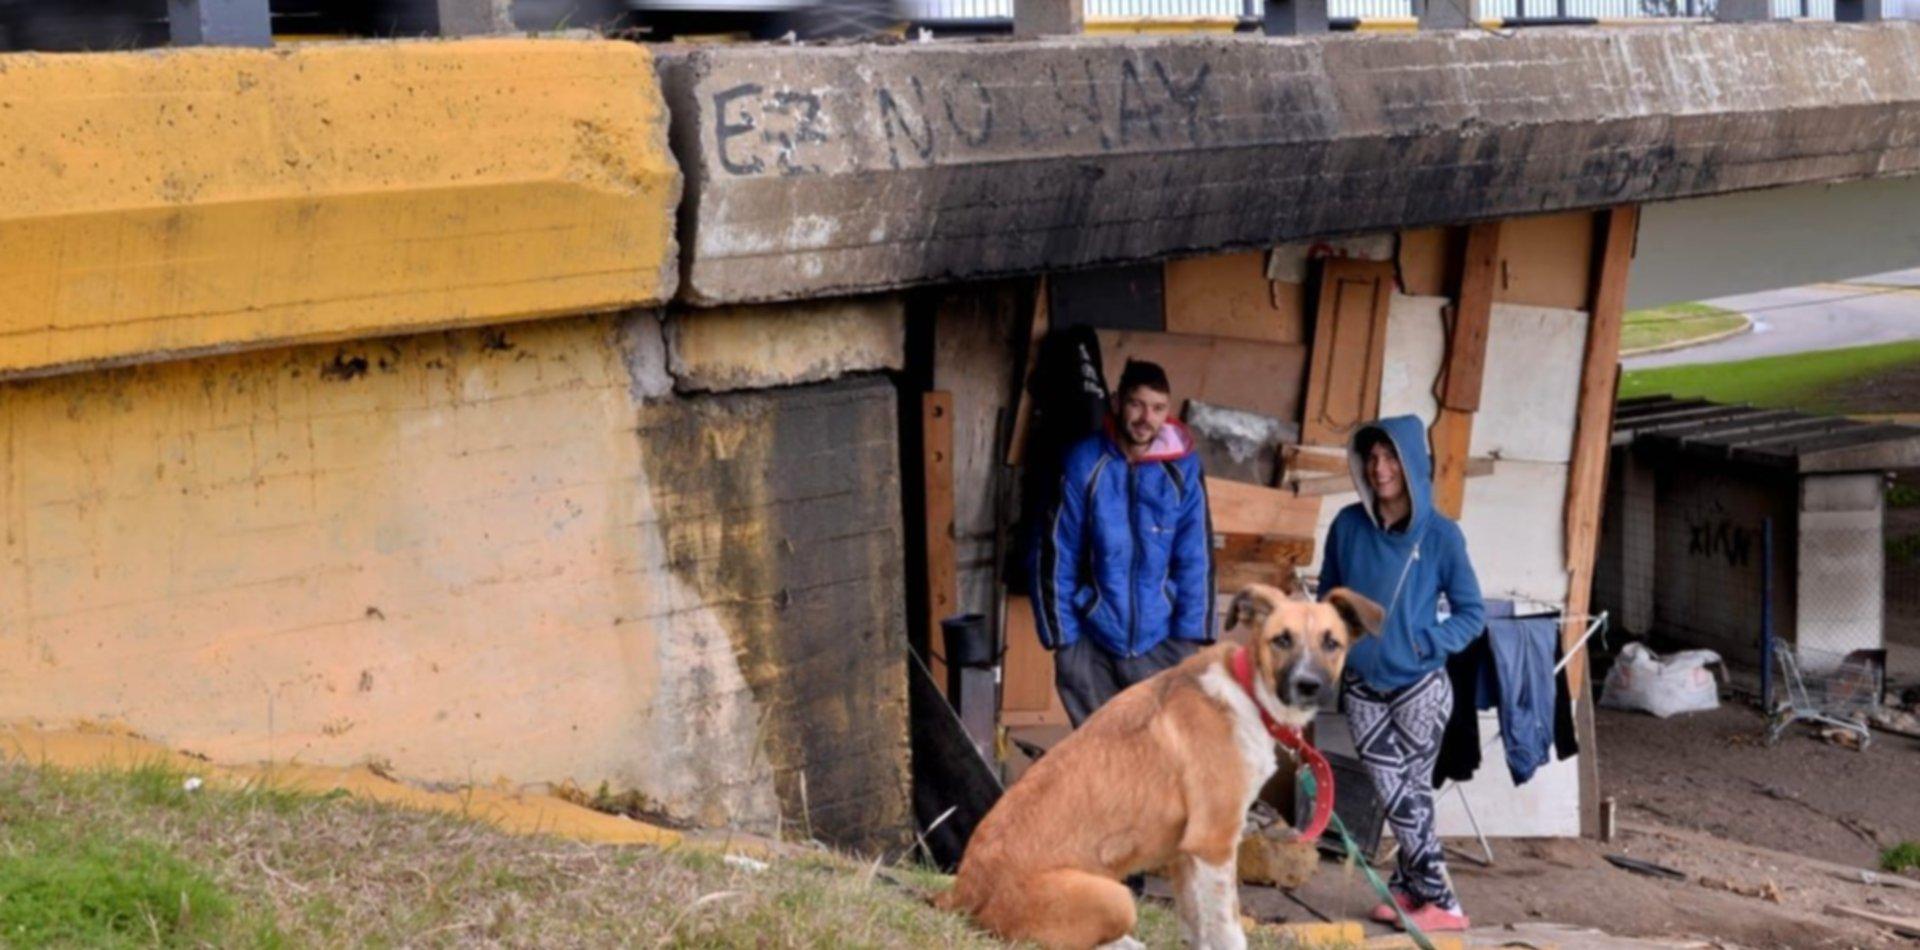 Viven abajo de un puente de La Plata en plena pandemia y piden ayuda para sobrevivir